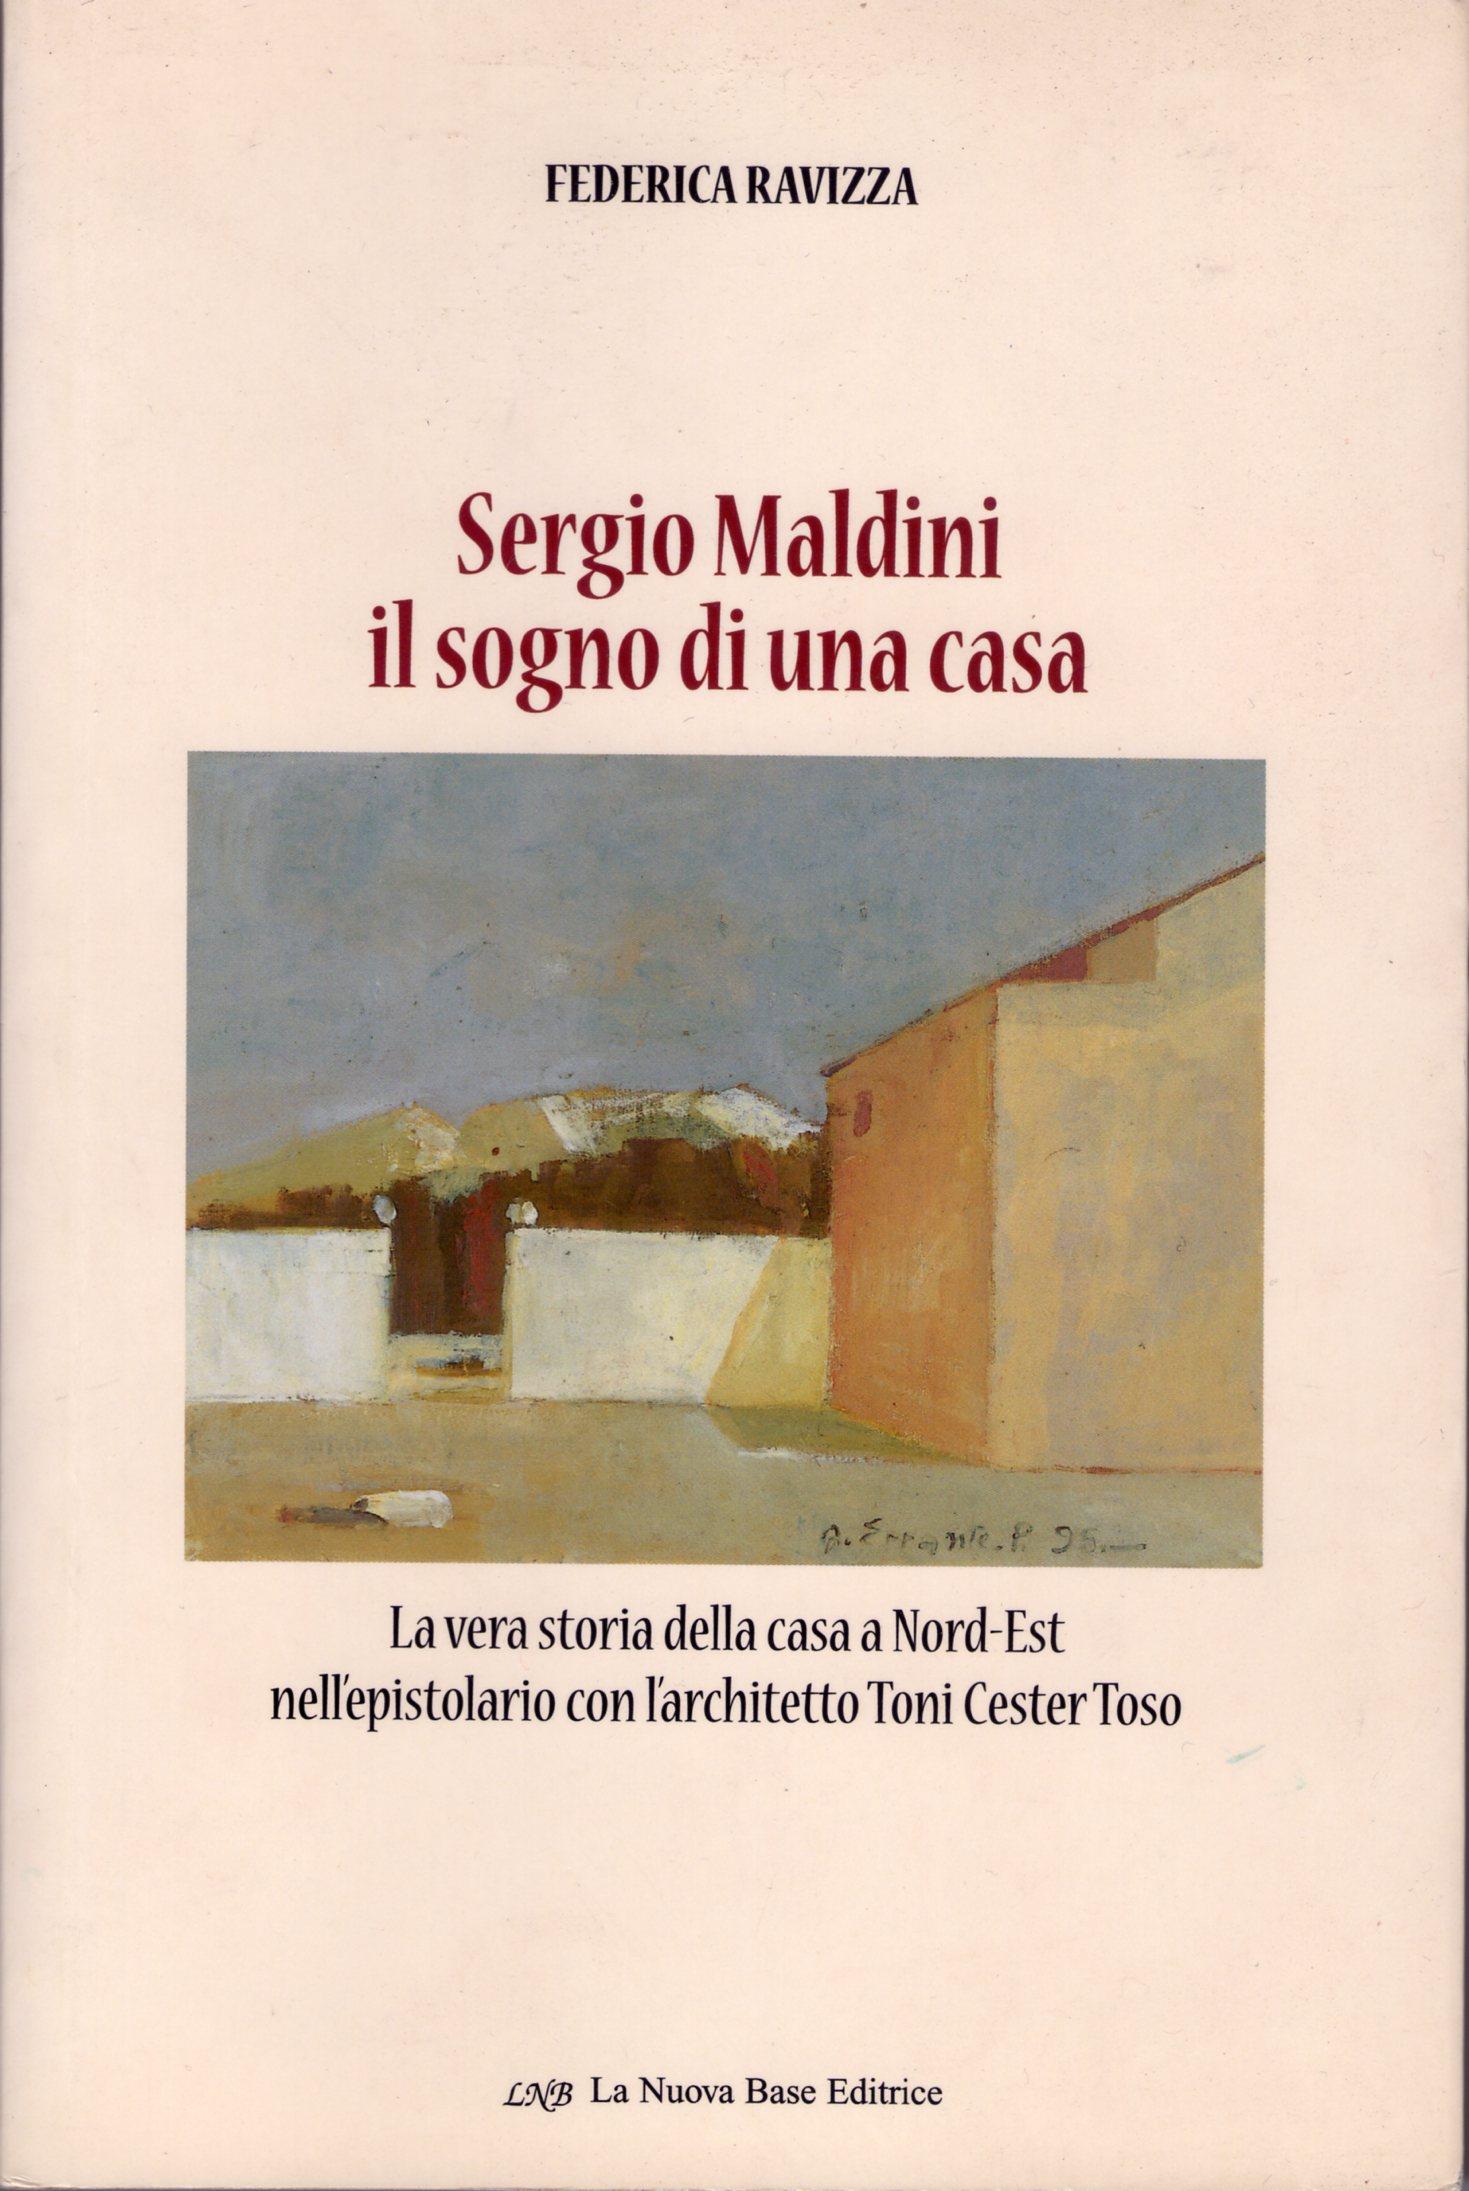 Sergio Maldini il sogno di una casa